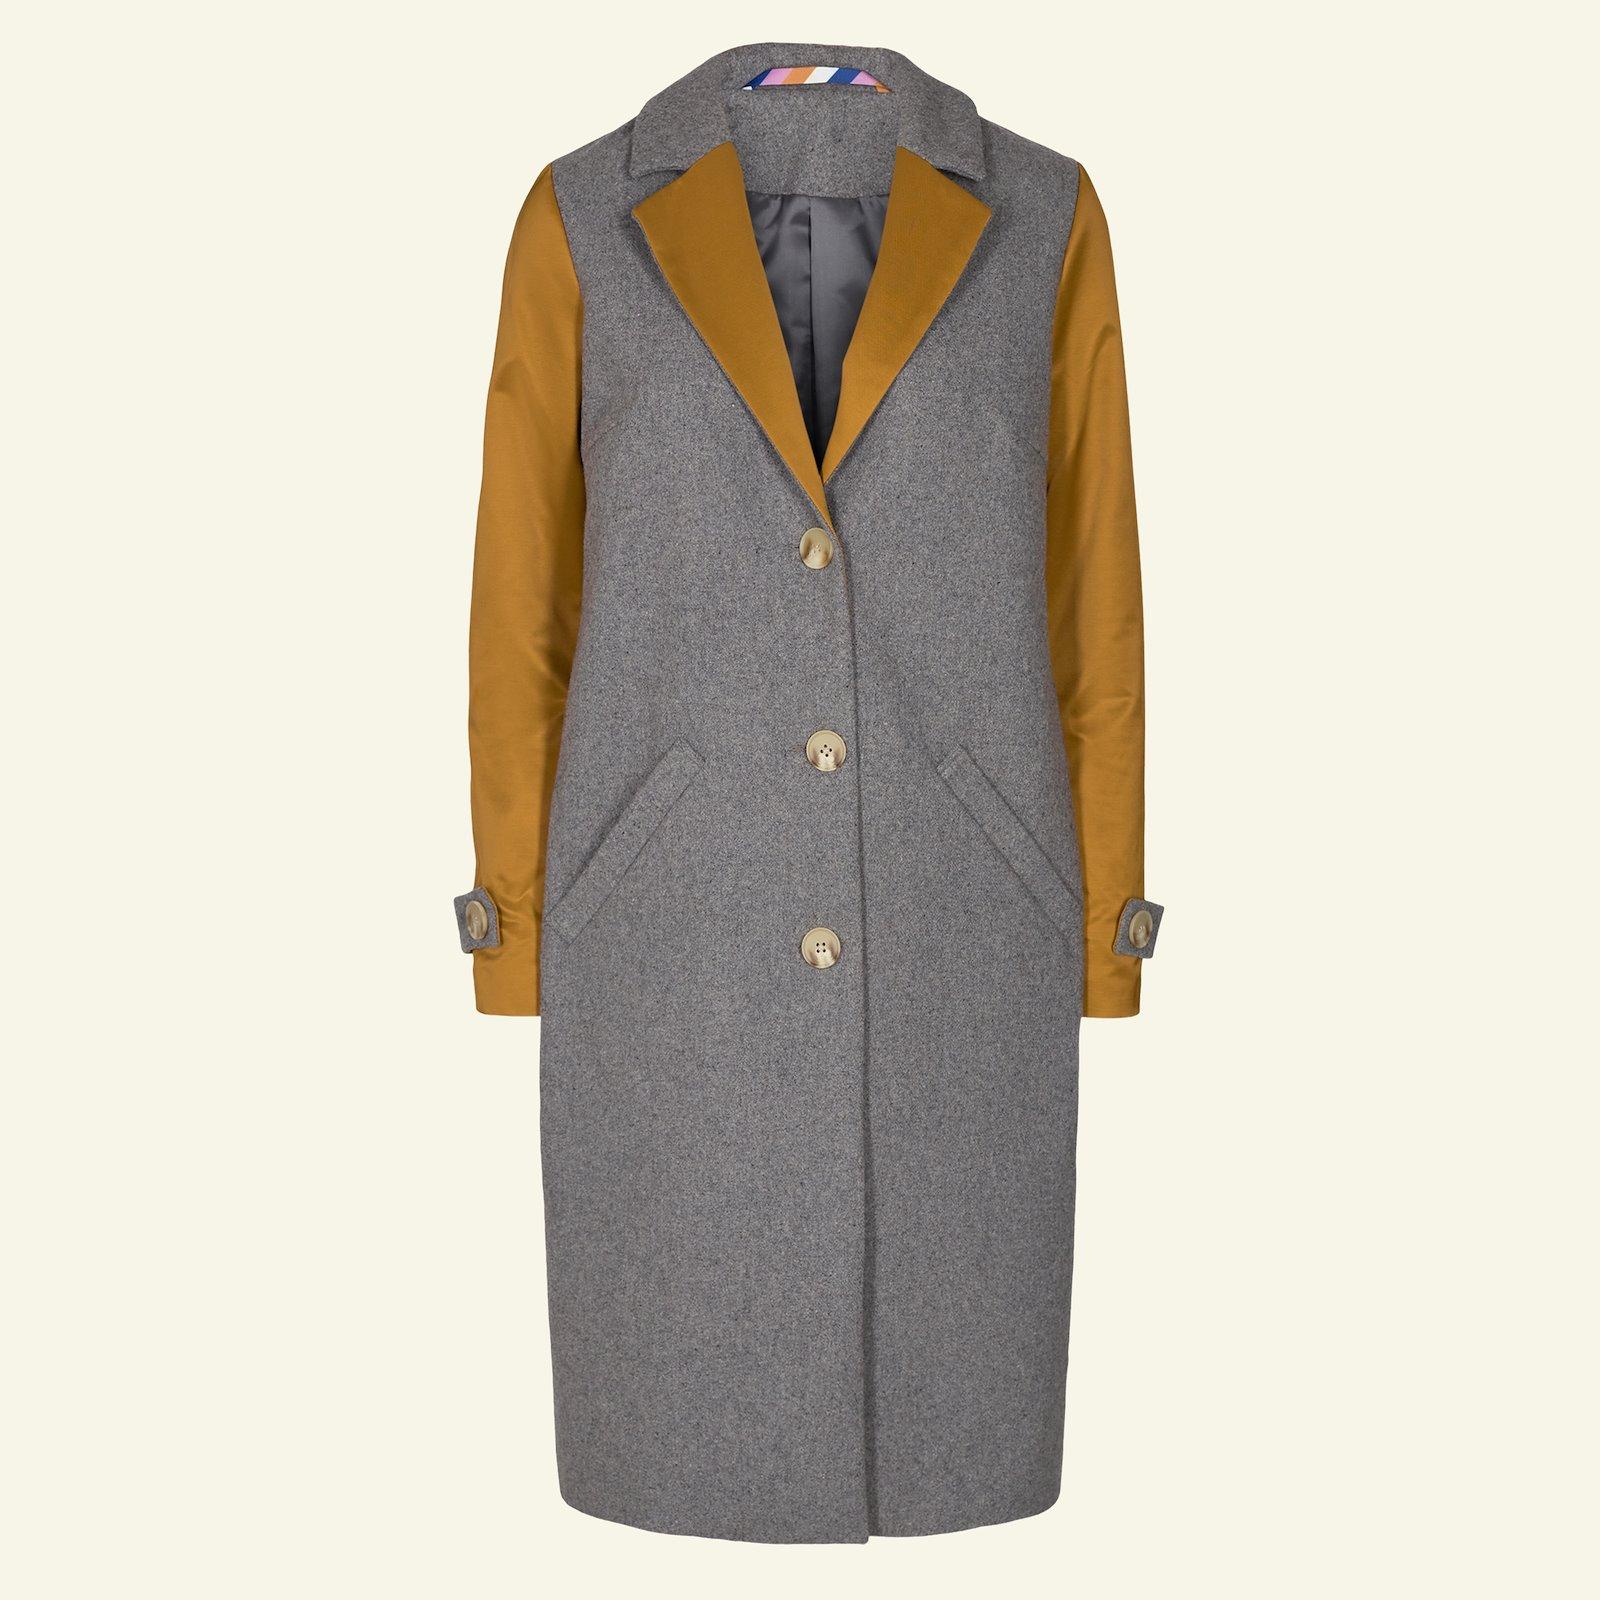 Long coat, 36/8 p24041_300130_450818_5005_40239_21338_sskit